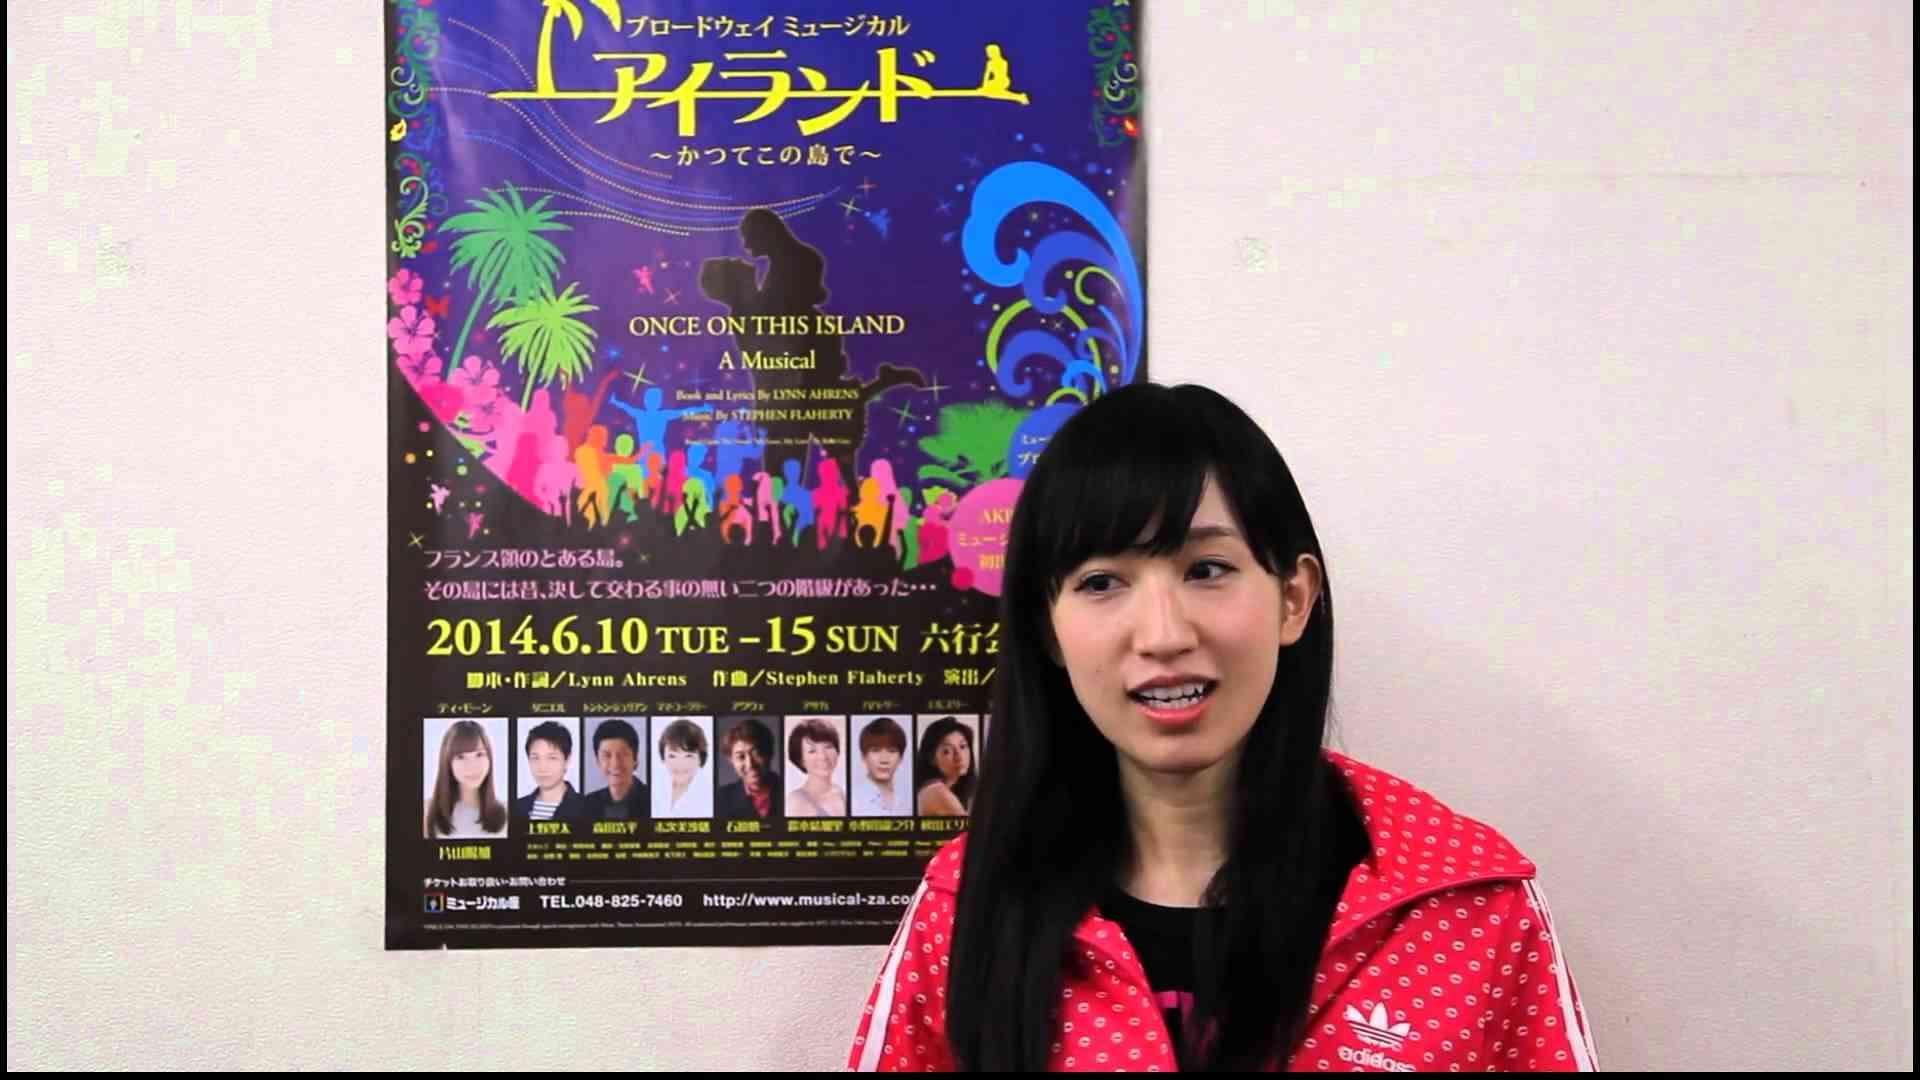 AKB48・片山陽加、主演ブロードウェイミュージカル「アイランド~かつてこの島で~」コメント - YouTube